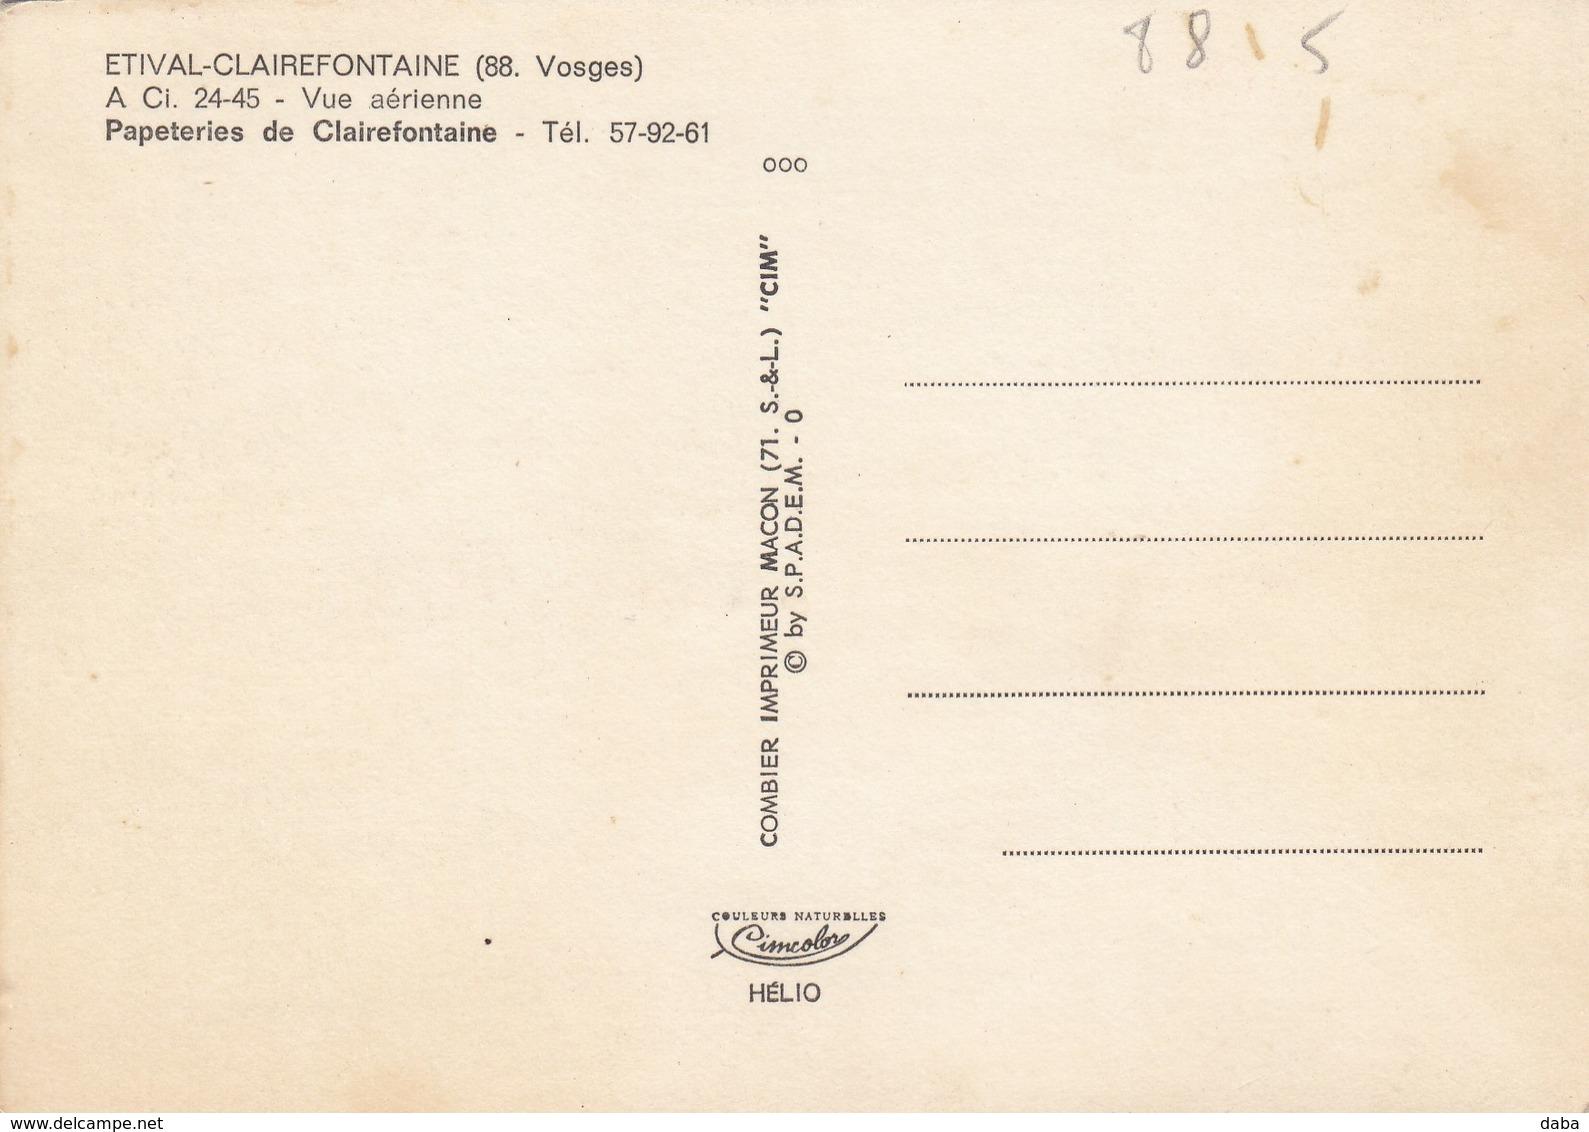 Etival-Clairefontaine.  Vue Aérienne Papeterie De Clairefontaine - Etival Clairefontaine